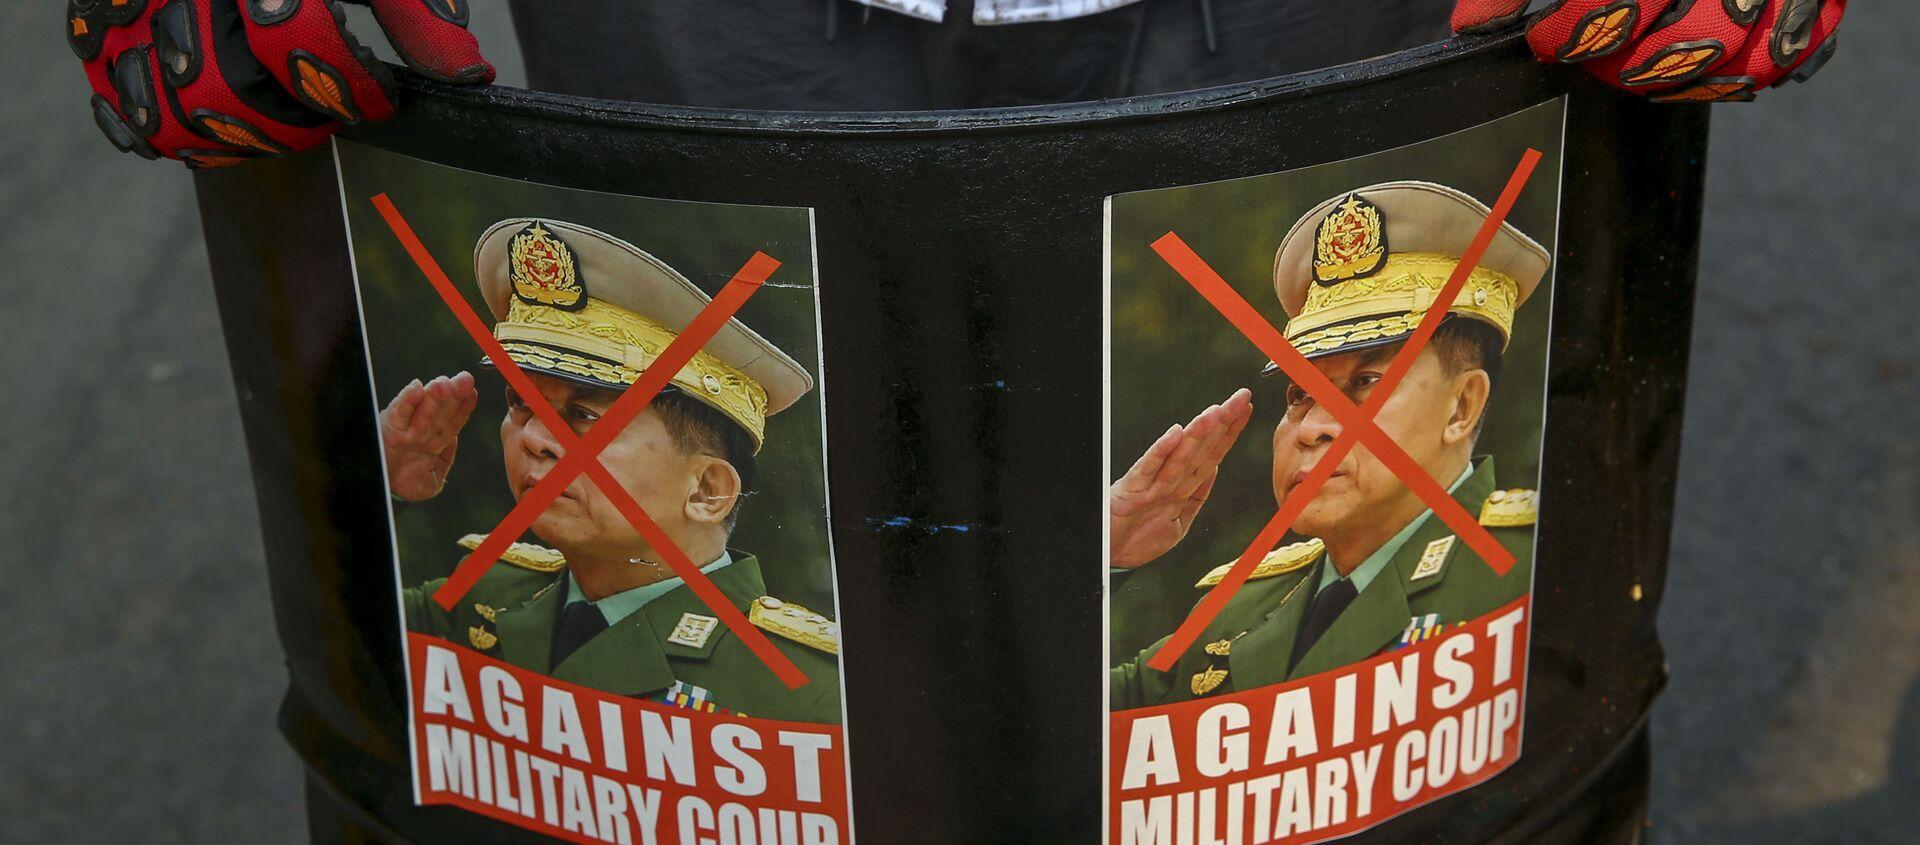 Một người biểu tình chống đảo chính trưng bày những hình ảnh bị bôi nhọ của Tổng tư lệnh, Thượng tướng Min Aung Hlaing ở Mandalay, Myanmar, Thứ Tư, ngày 3 tháng 3 năm 2021. - Sputnik Việt Nam, 1920, 16.03.2021